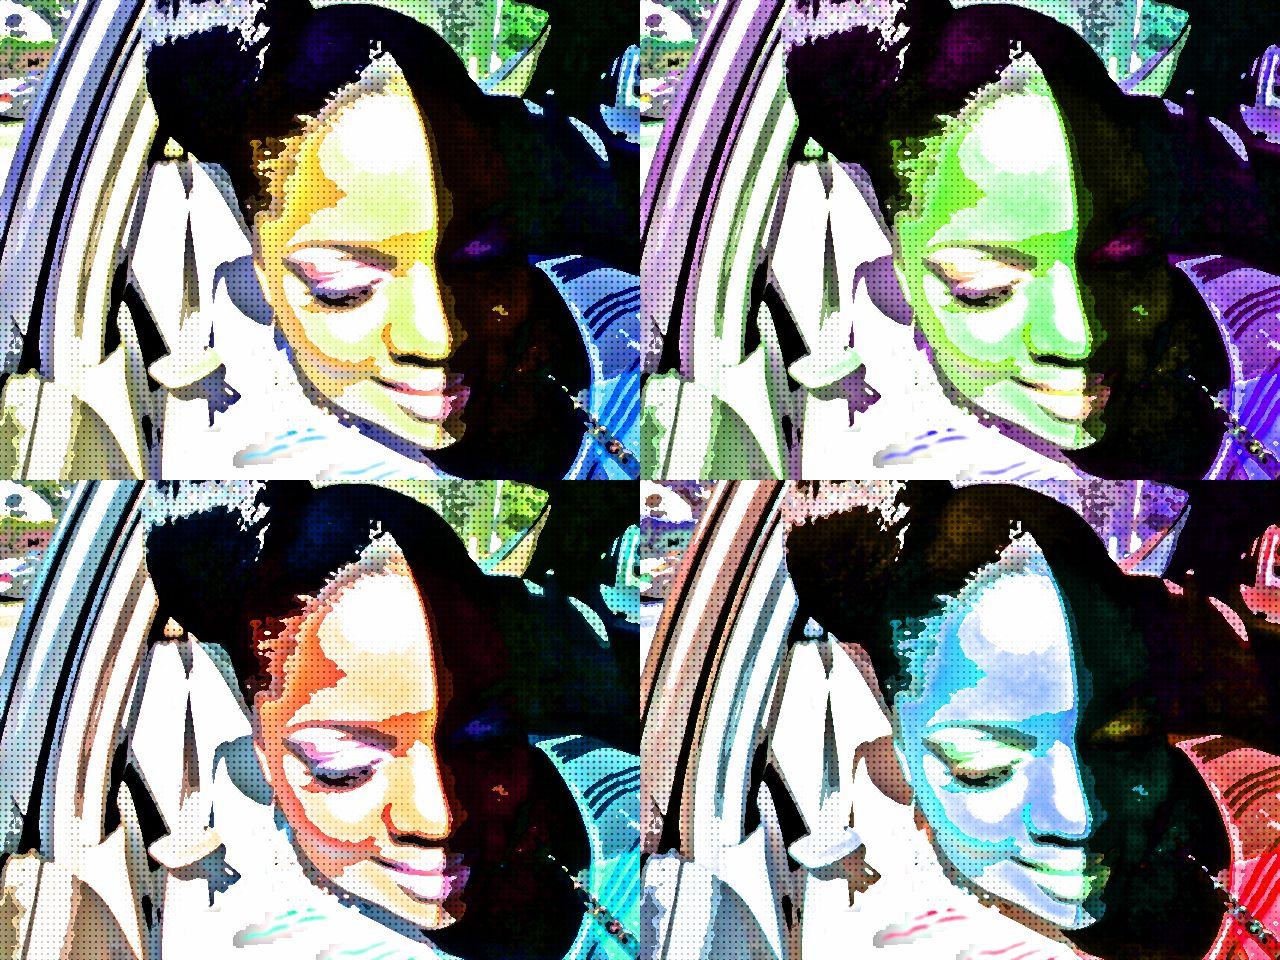 http://4.bp.blogspot.com/-My6owl__v8Y/T7Uo0kdPrQI/AAAAAAAAFXA/KzVfAesRal8/s1600/BeFunky_PopArt_2.jpg